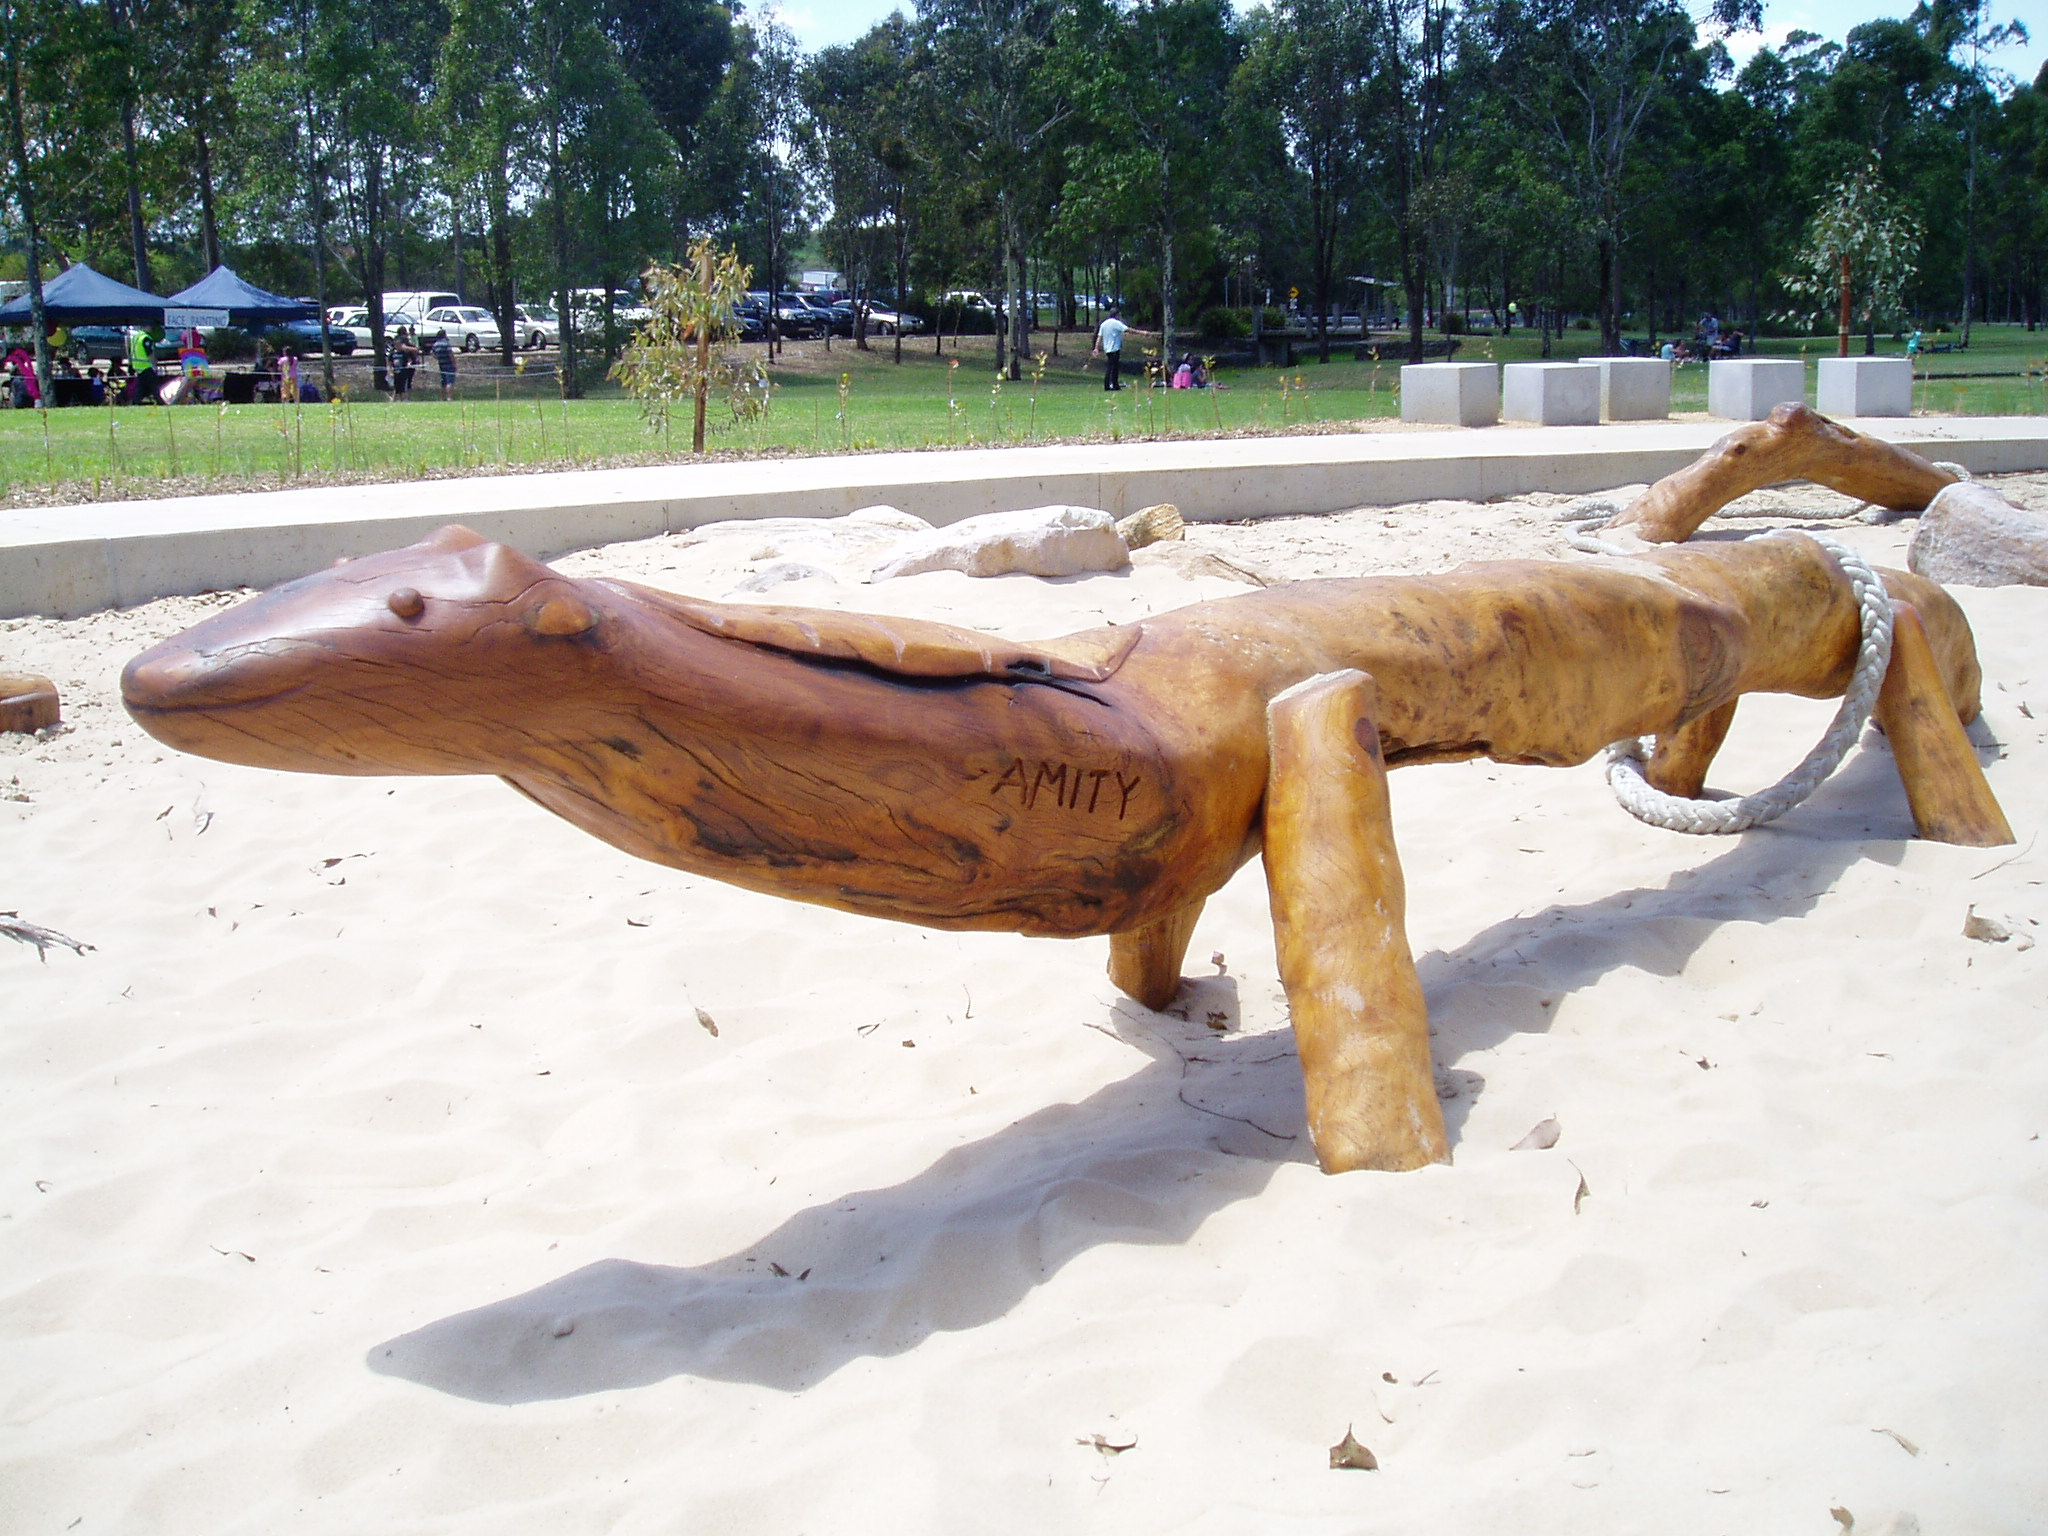 Amity Lizard